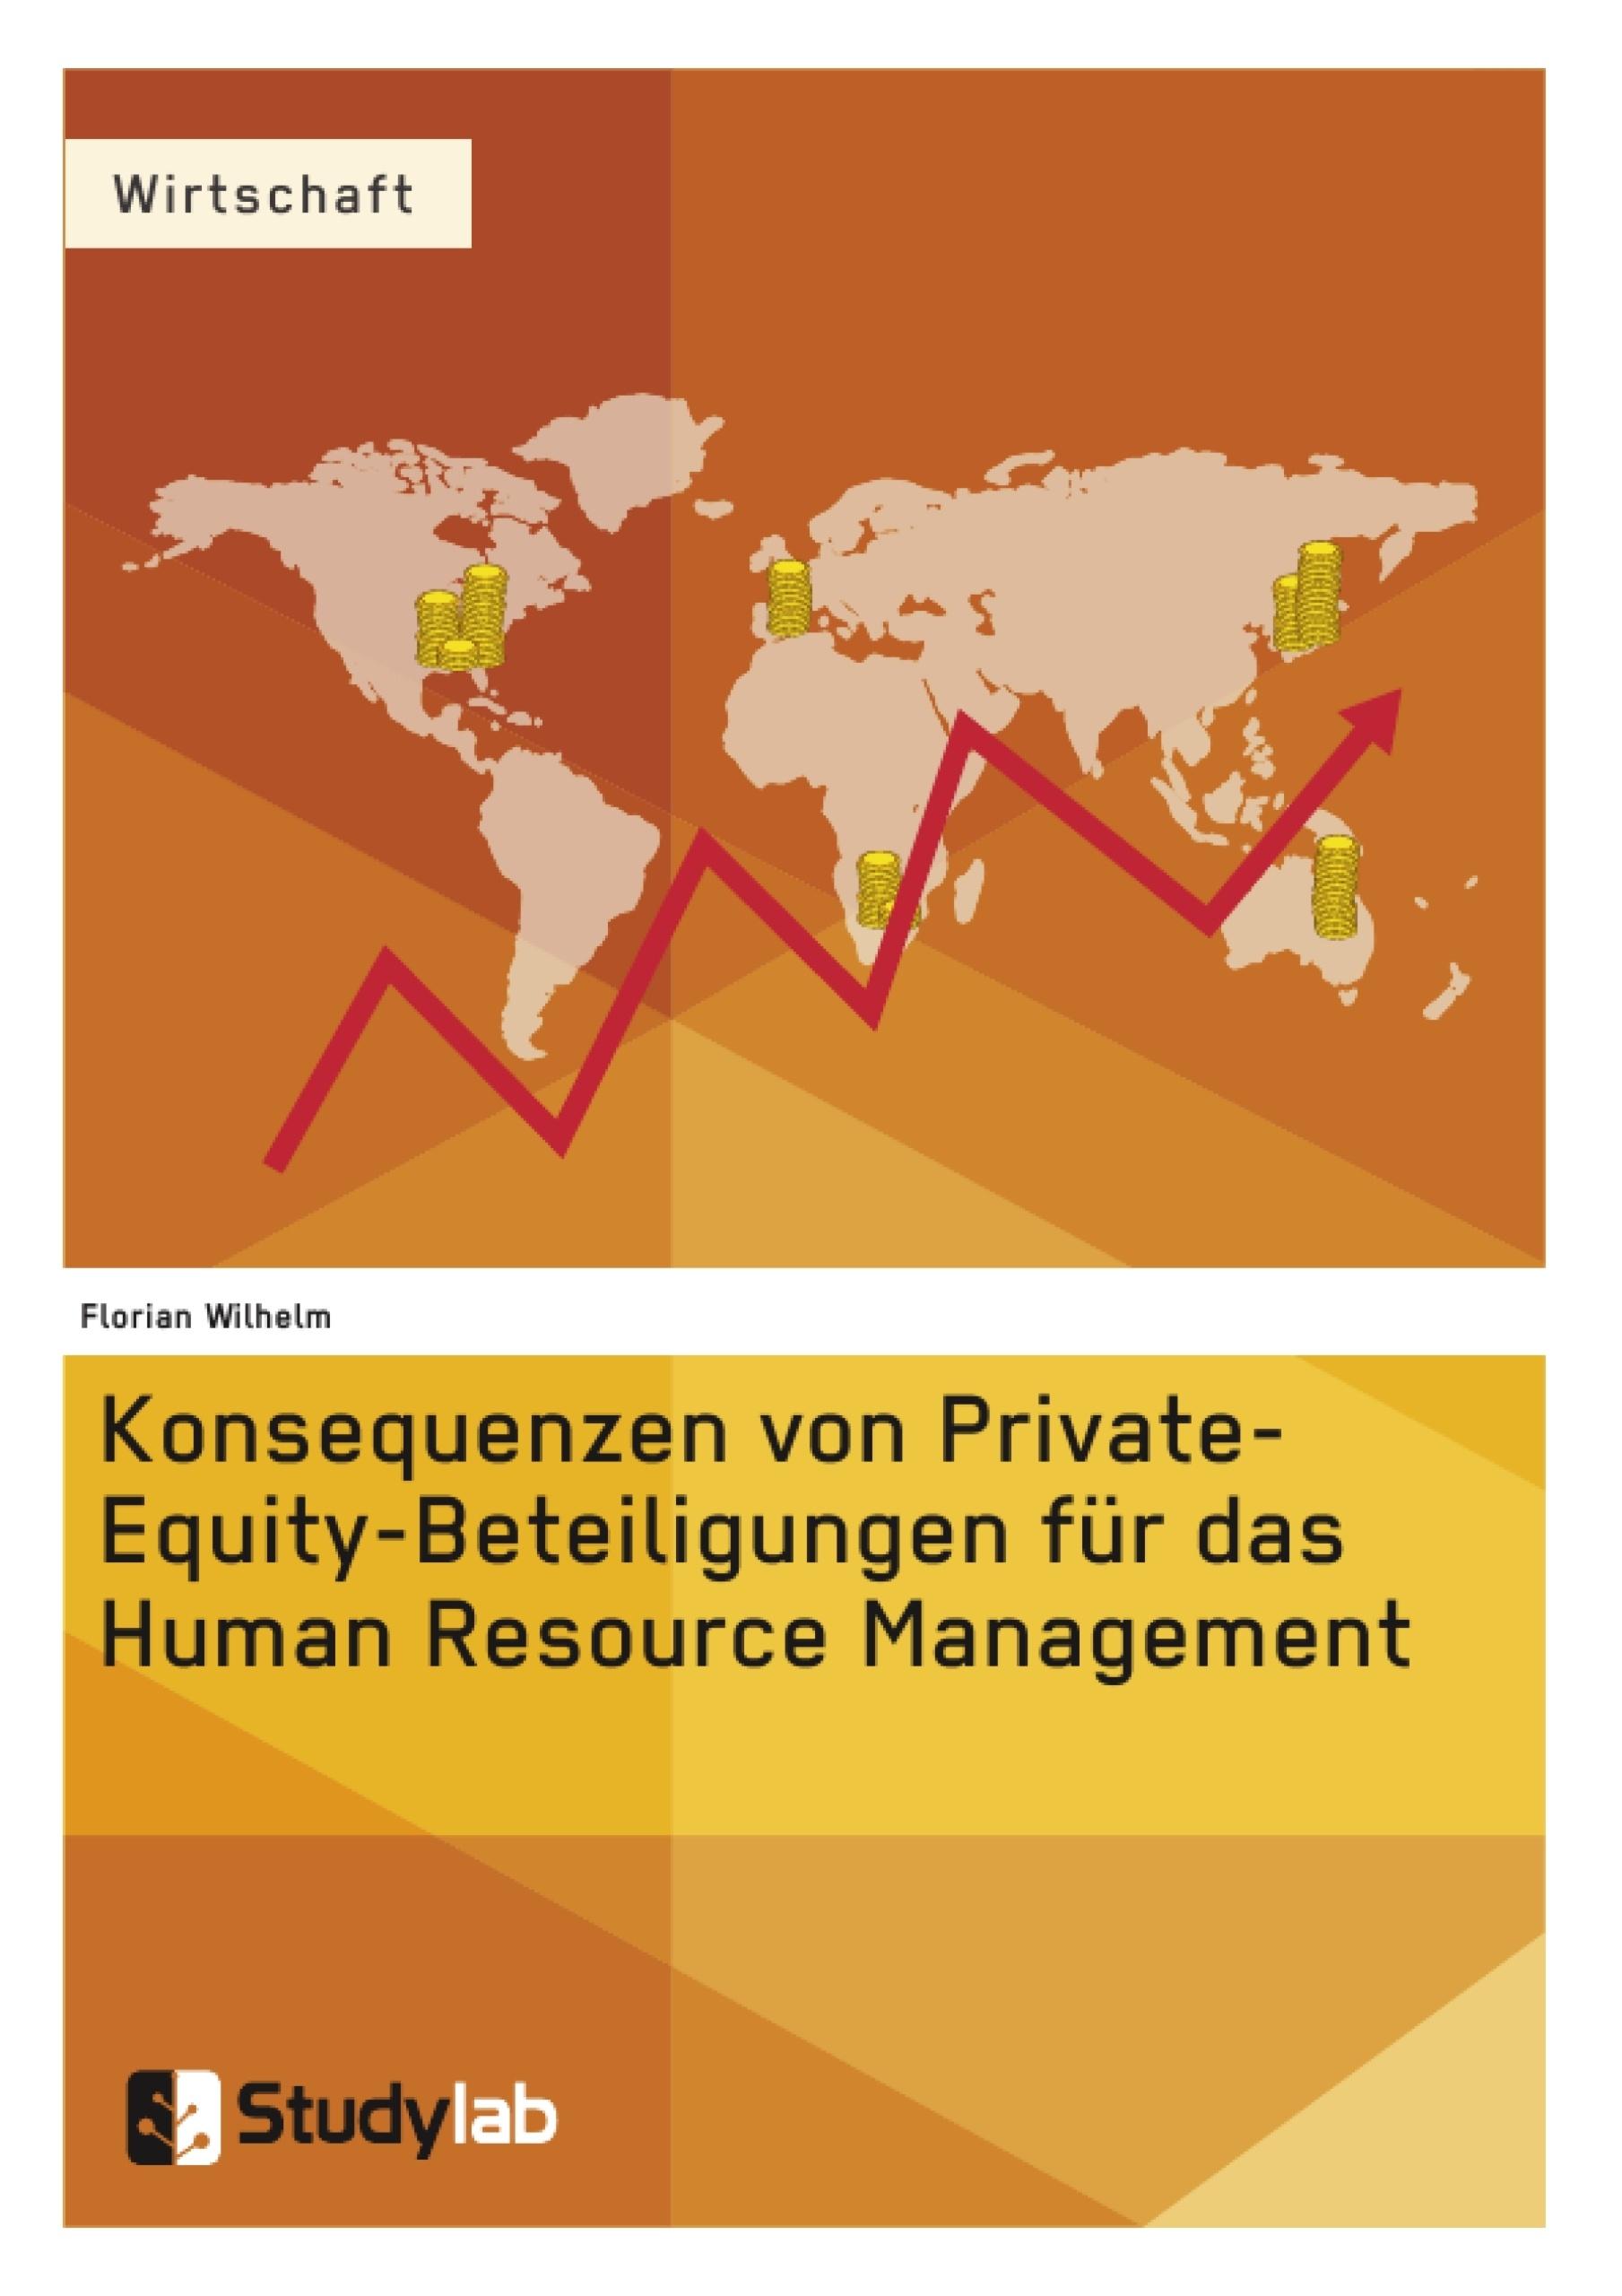 Titel: Konsequenzen von Private-Equity-Beteiligungen für das Human Resource Management